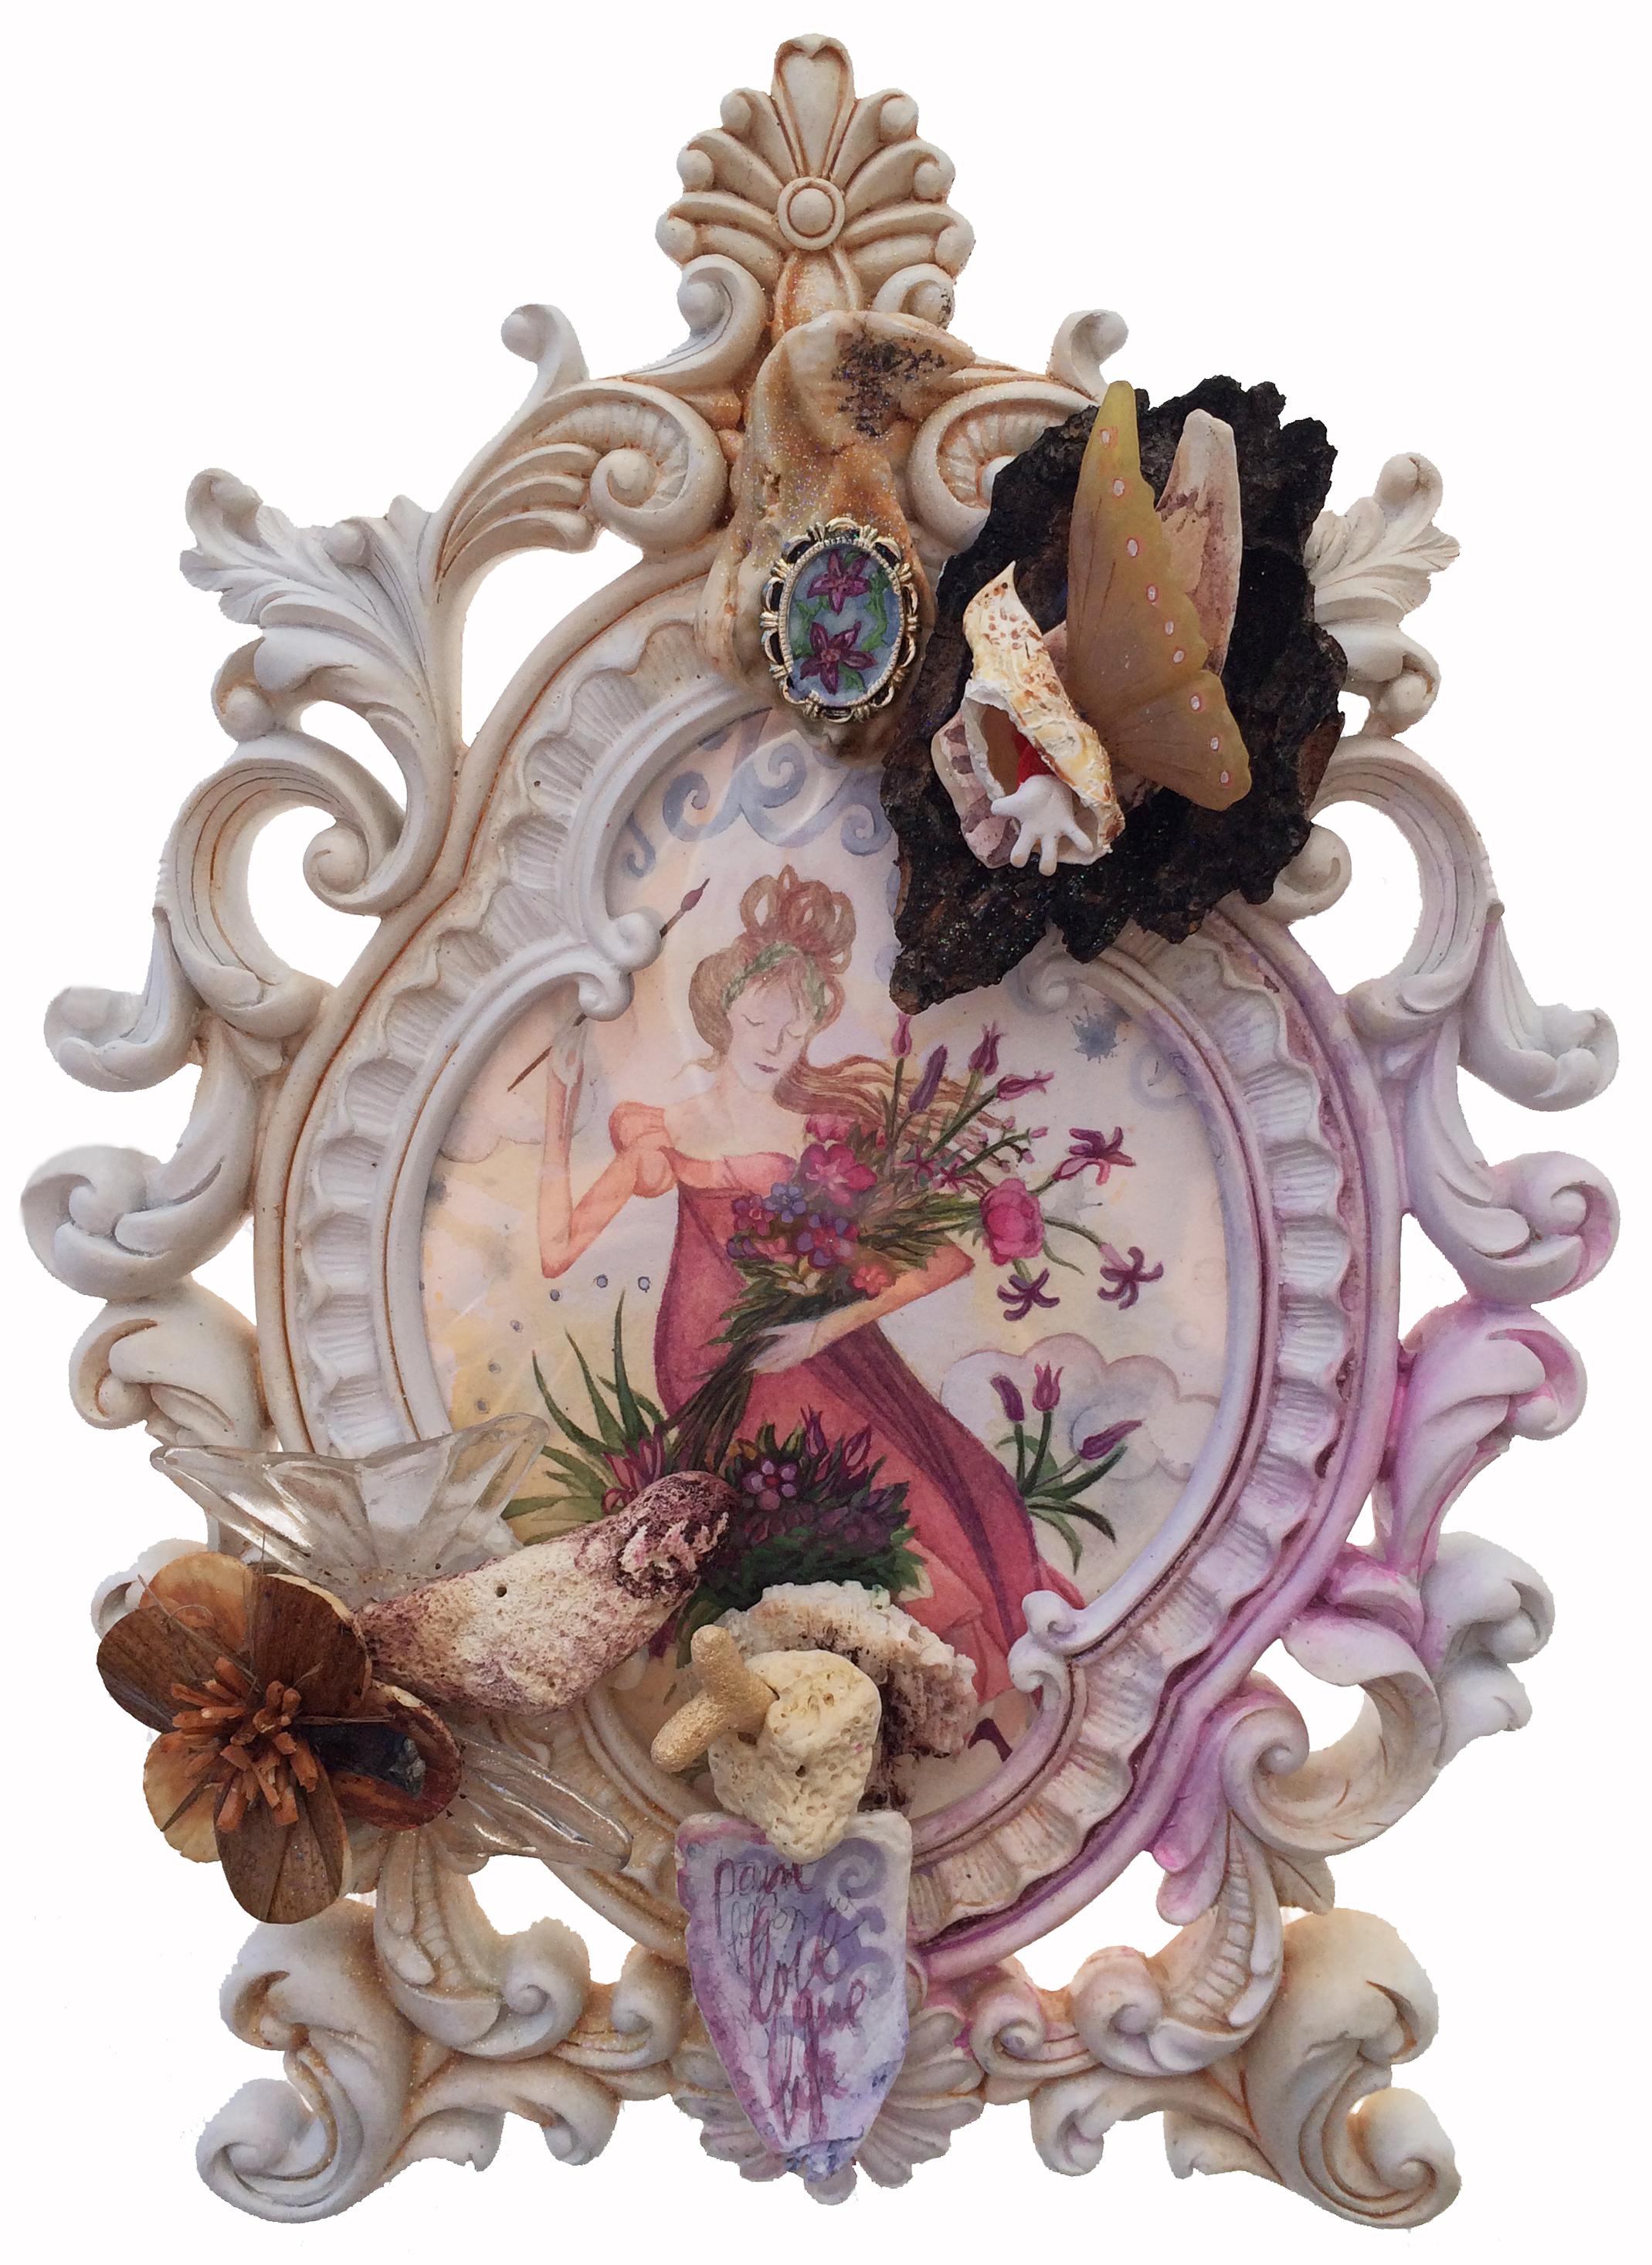 Flora Paints her Bouquet